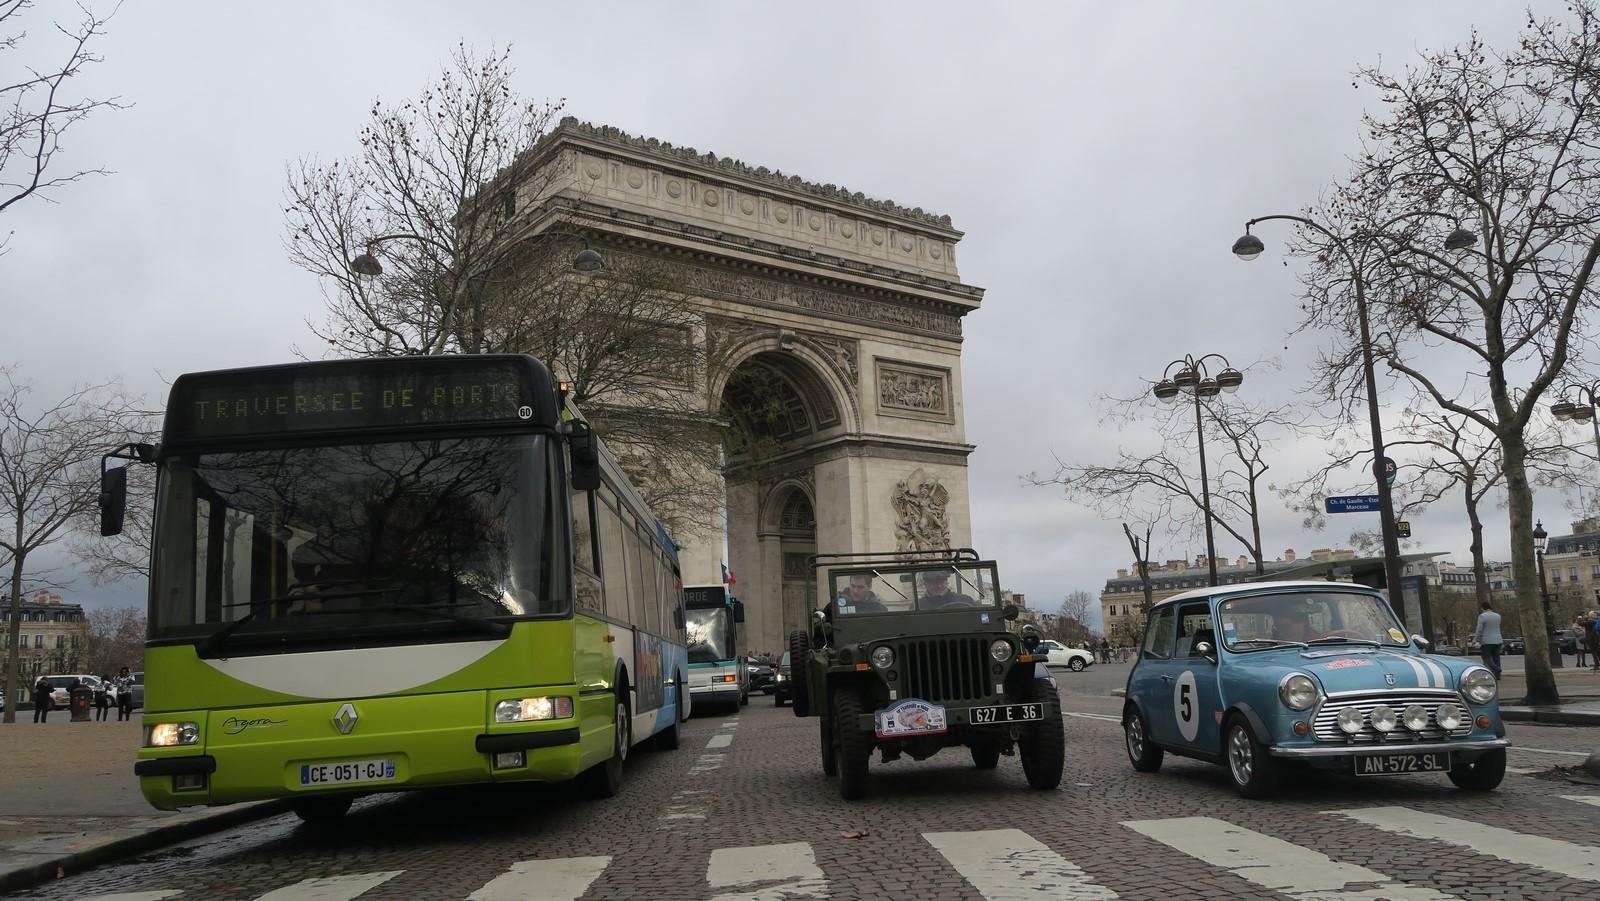 Traversee de Paris hivernale 2019 FM 76